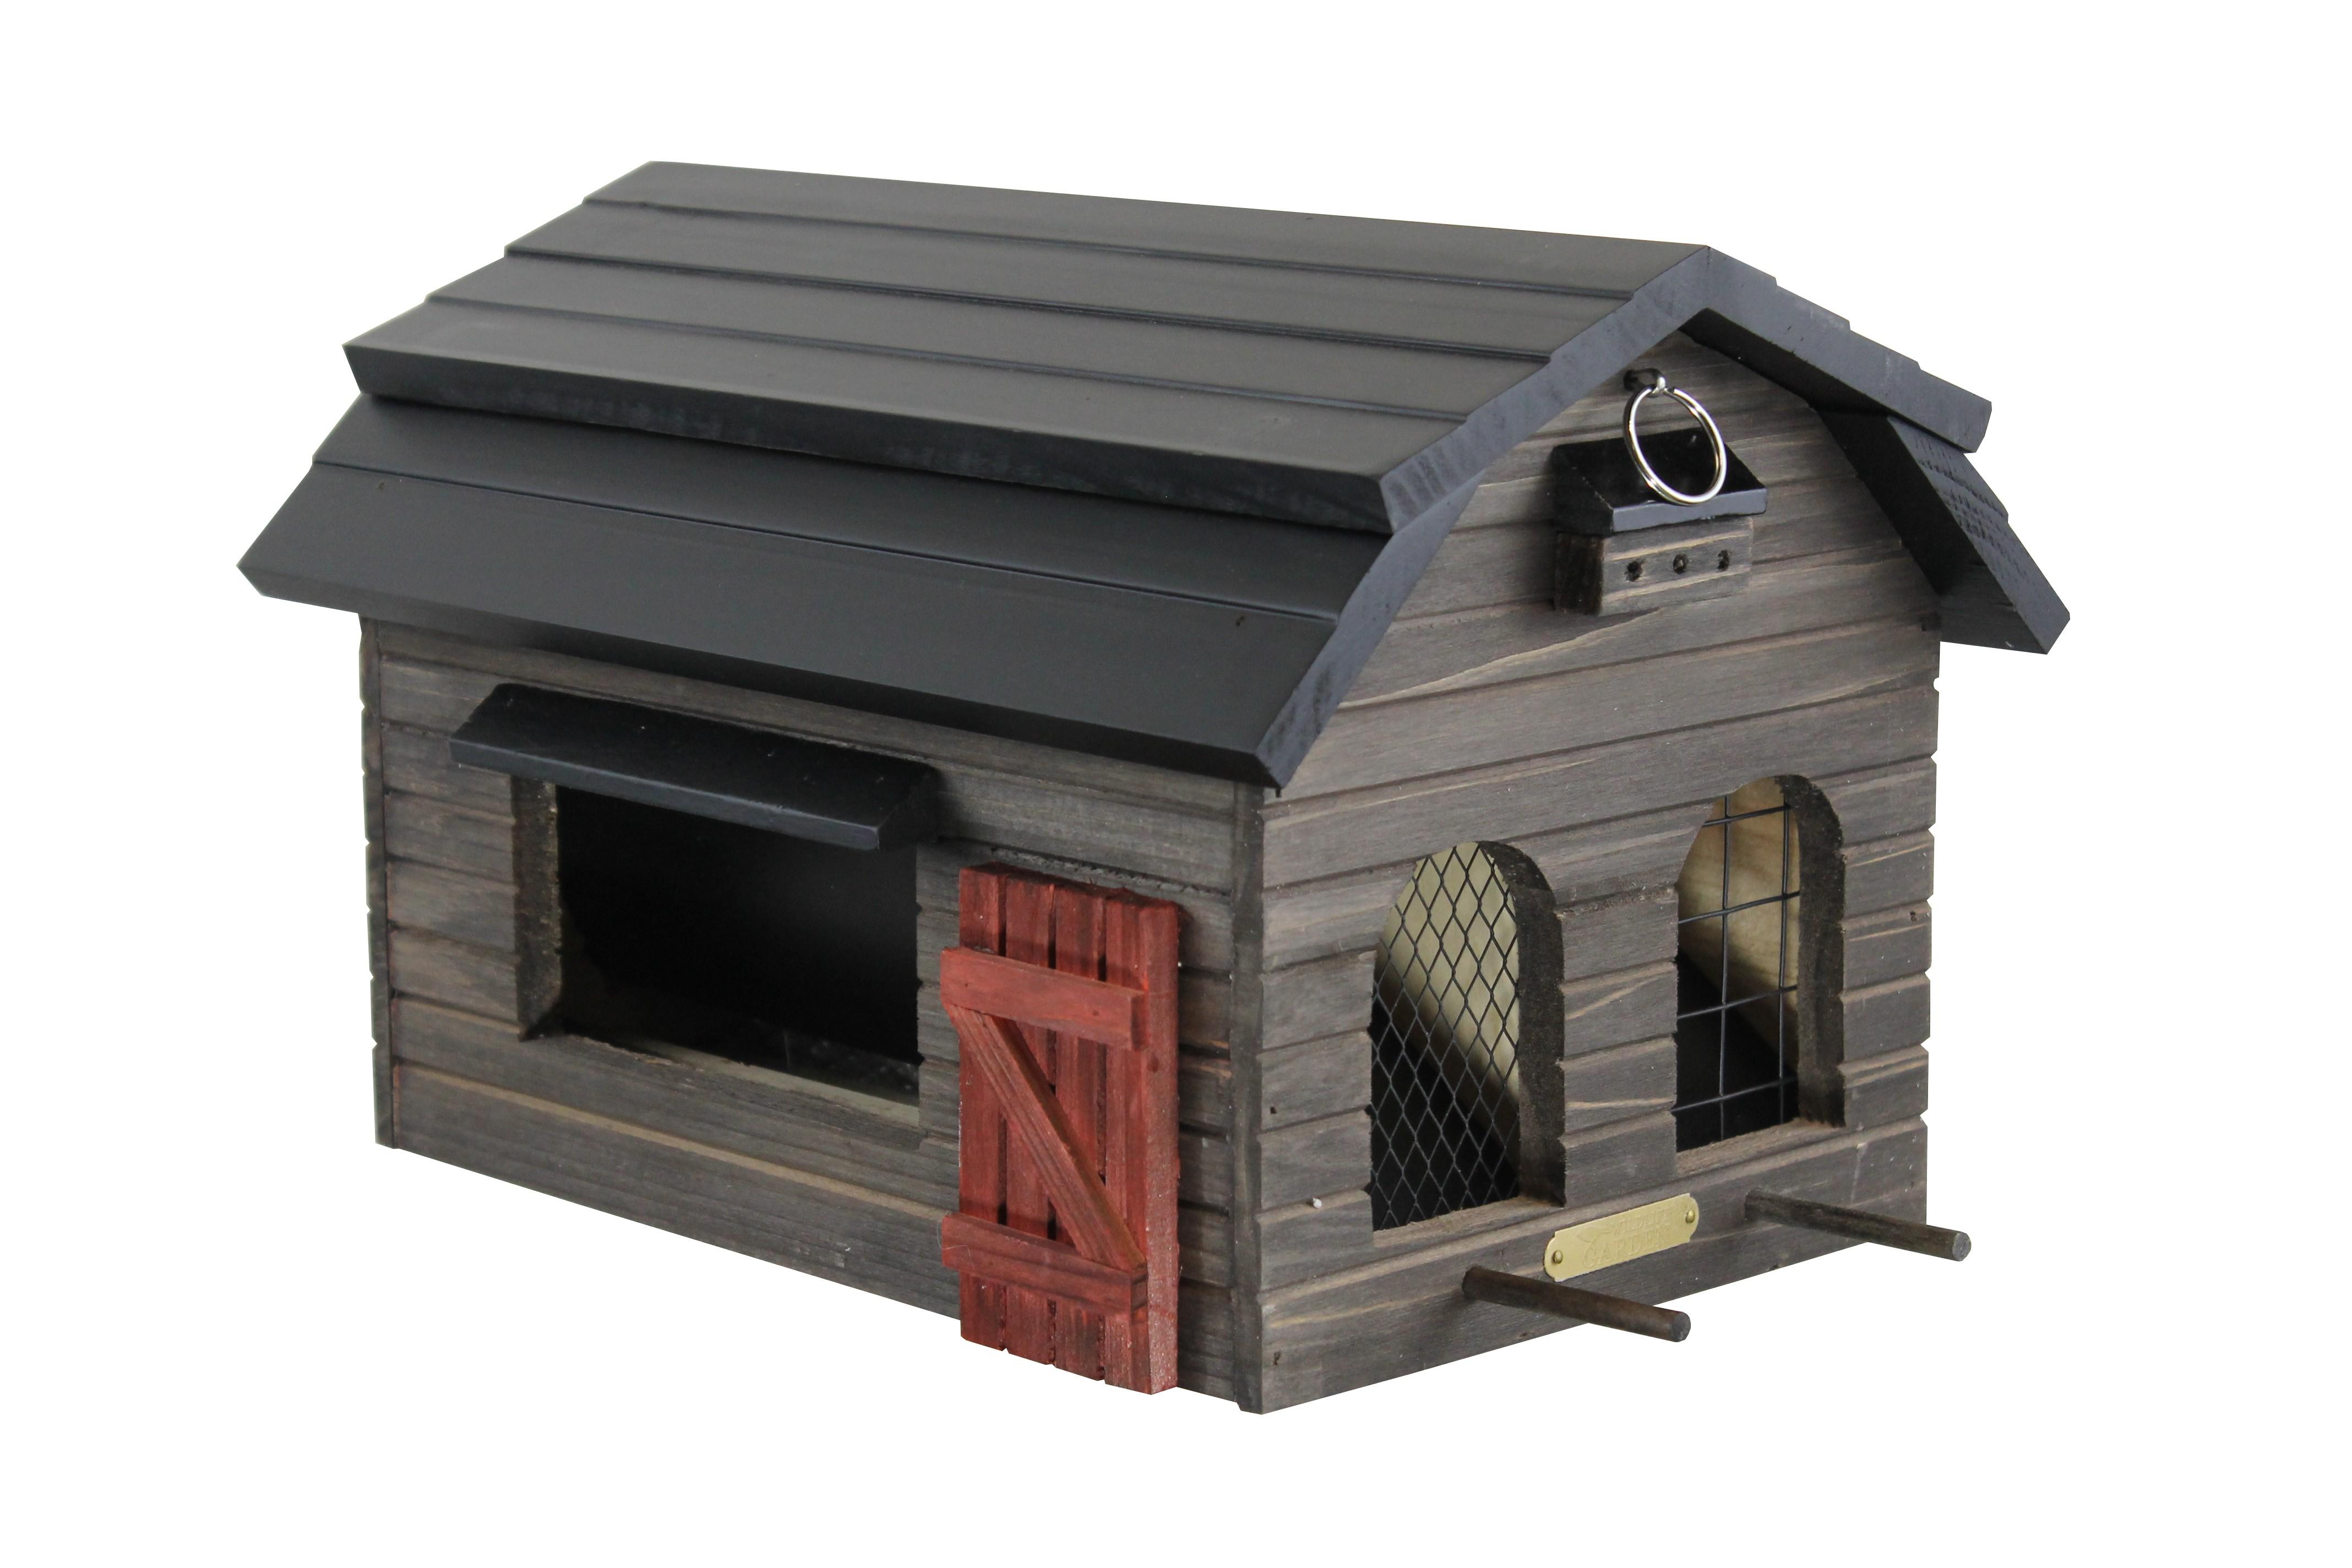 Futterscheune braun WG220 von Wildlife Garden Vogelhaus